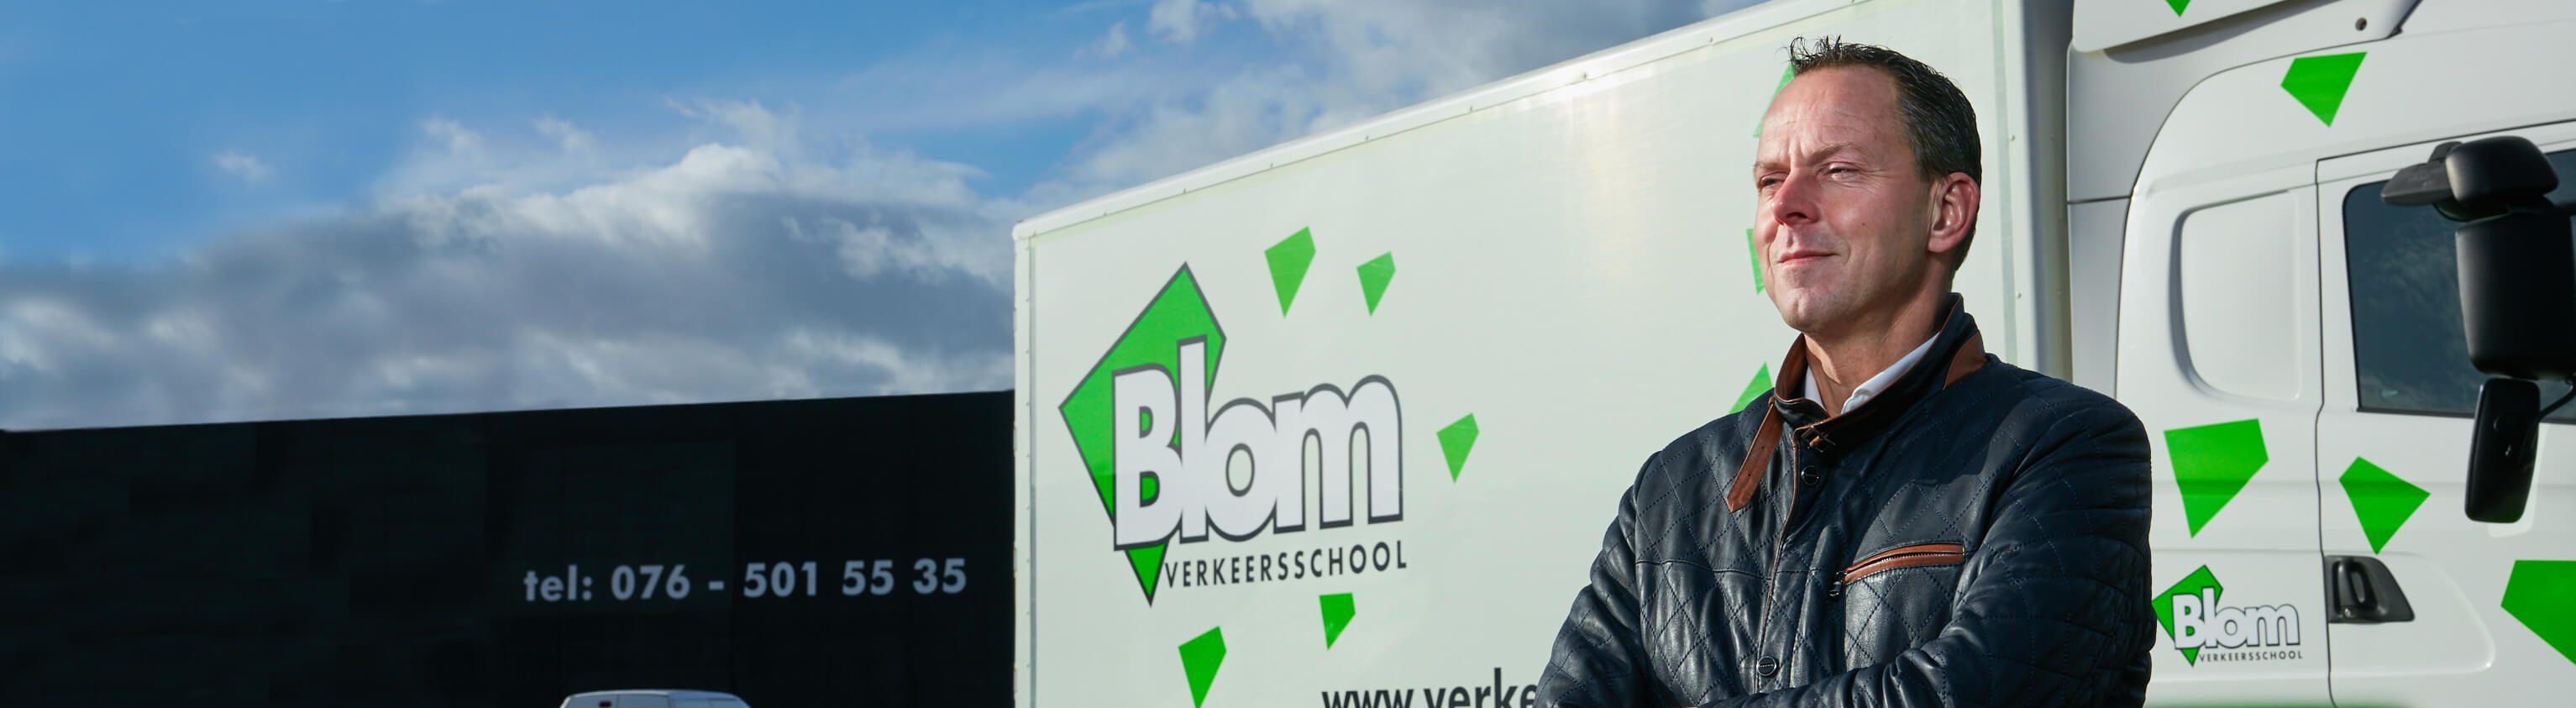 Reggy van Blom Verkeersschool